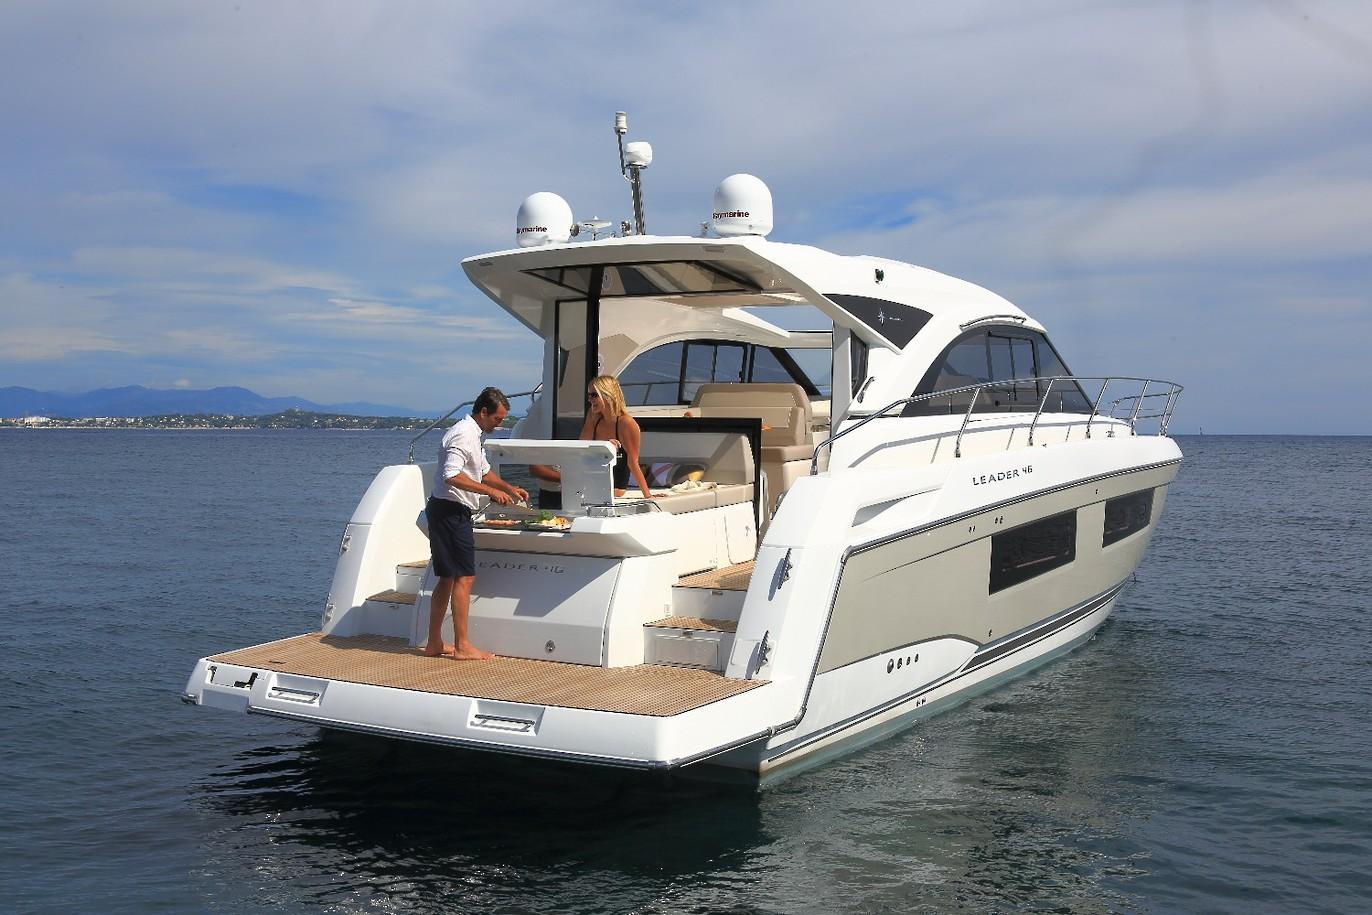 location granville plaisance bateaux nautisme bateaux jeanneau zodiac moteurs honda. Black Bedroom Furniture Sets. Home Design Ideas